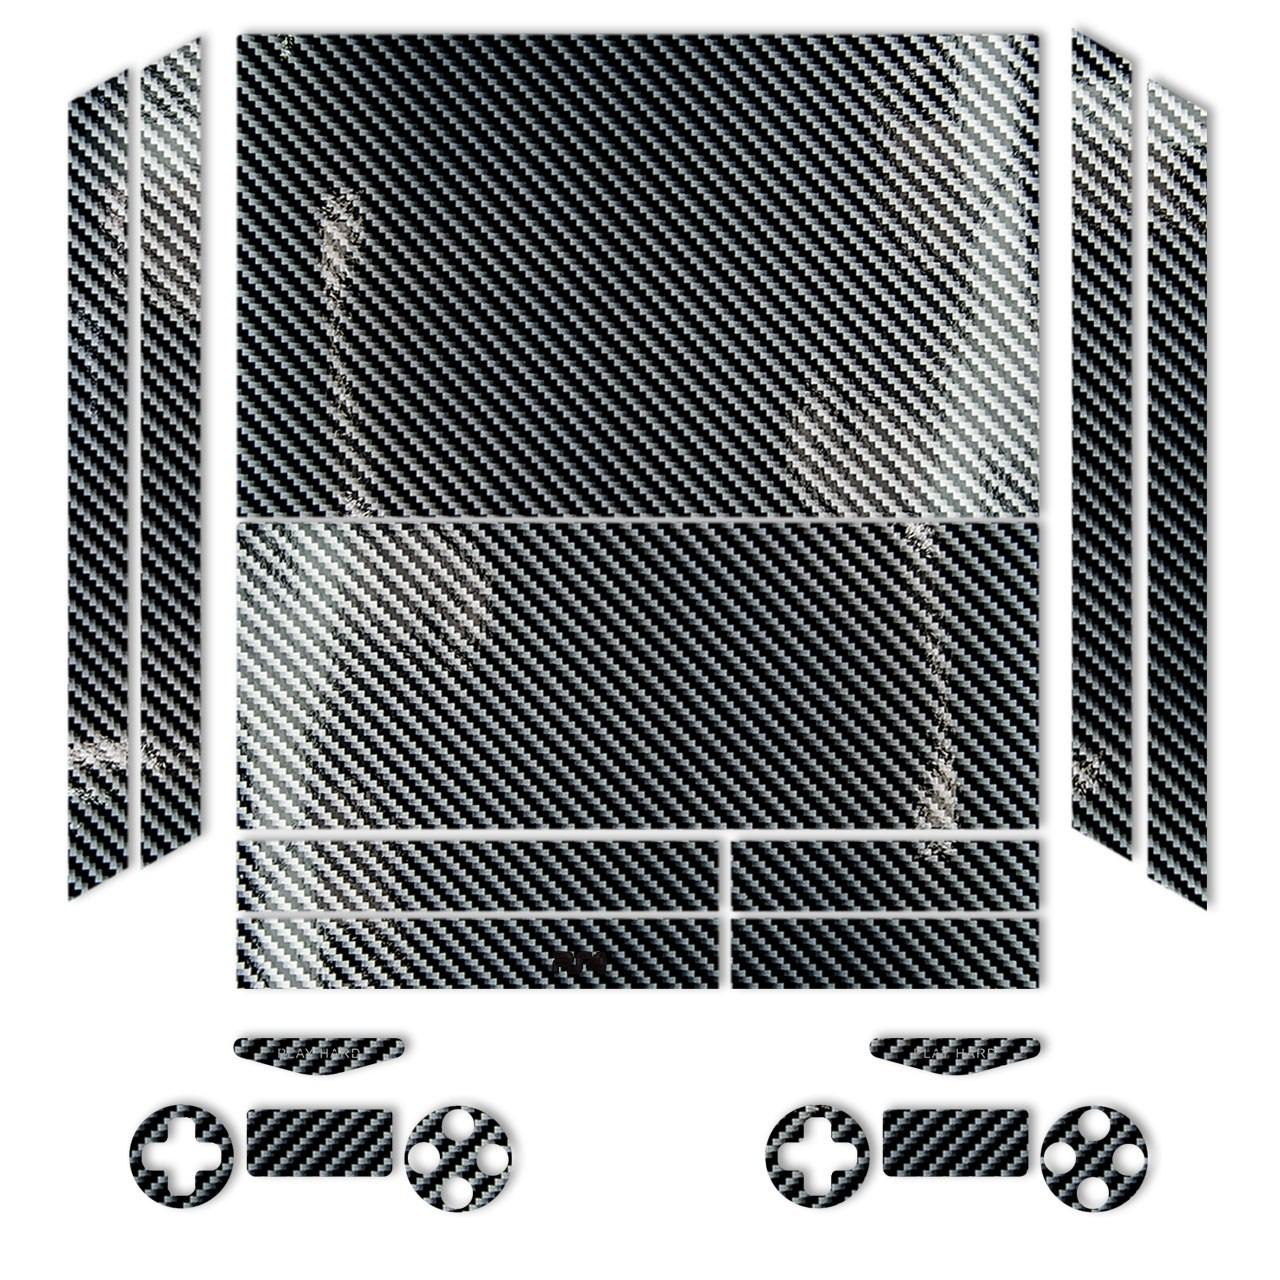 برچسب ماهوت مدل Silver Shine-carbon Special مناسب برای کنسول بازی PS4